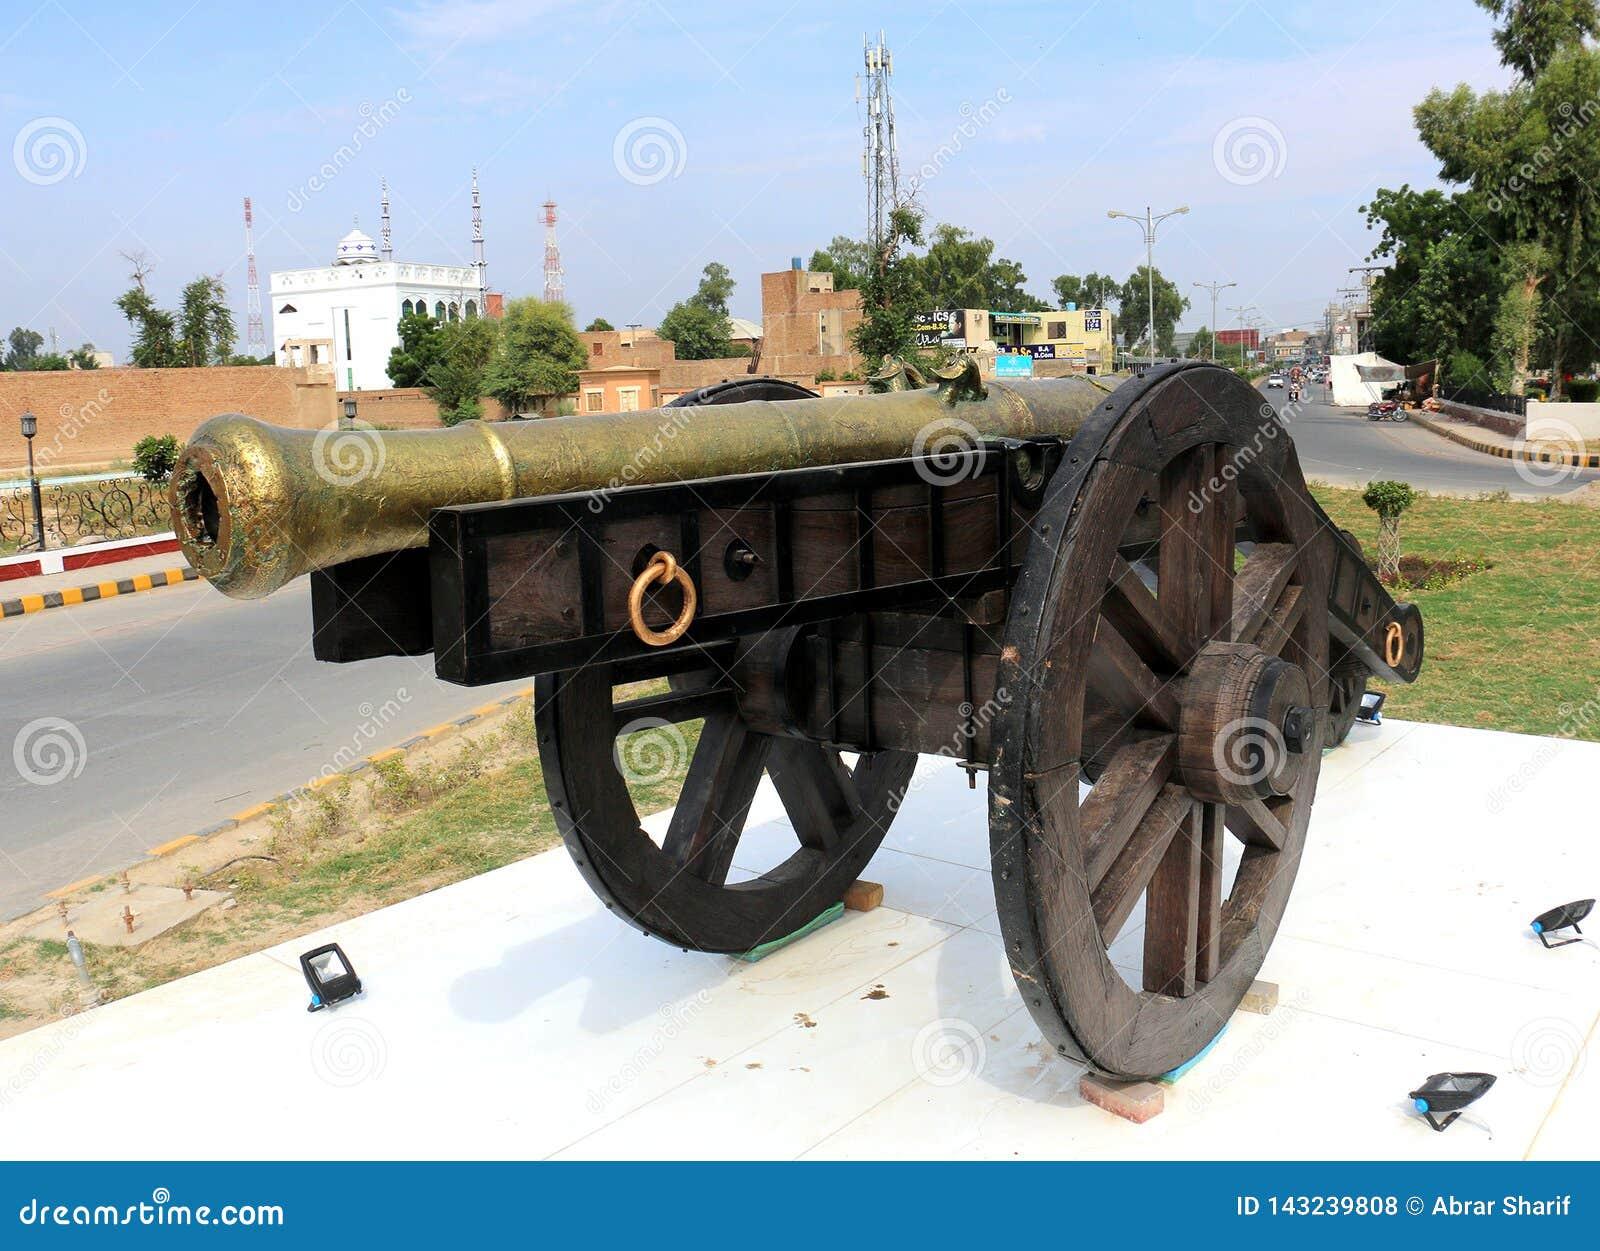 Nawab del cannone di Bahawalpur sulle ruote per la guerra, cannone del castello per difendere Canna antica del castello Cannoni a